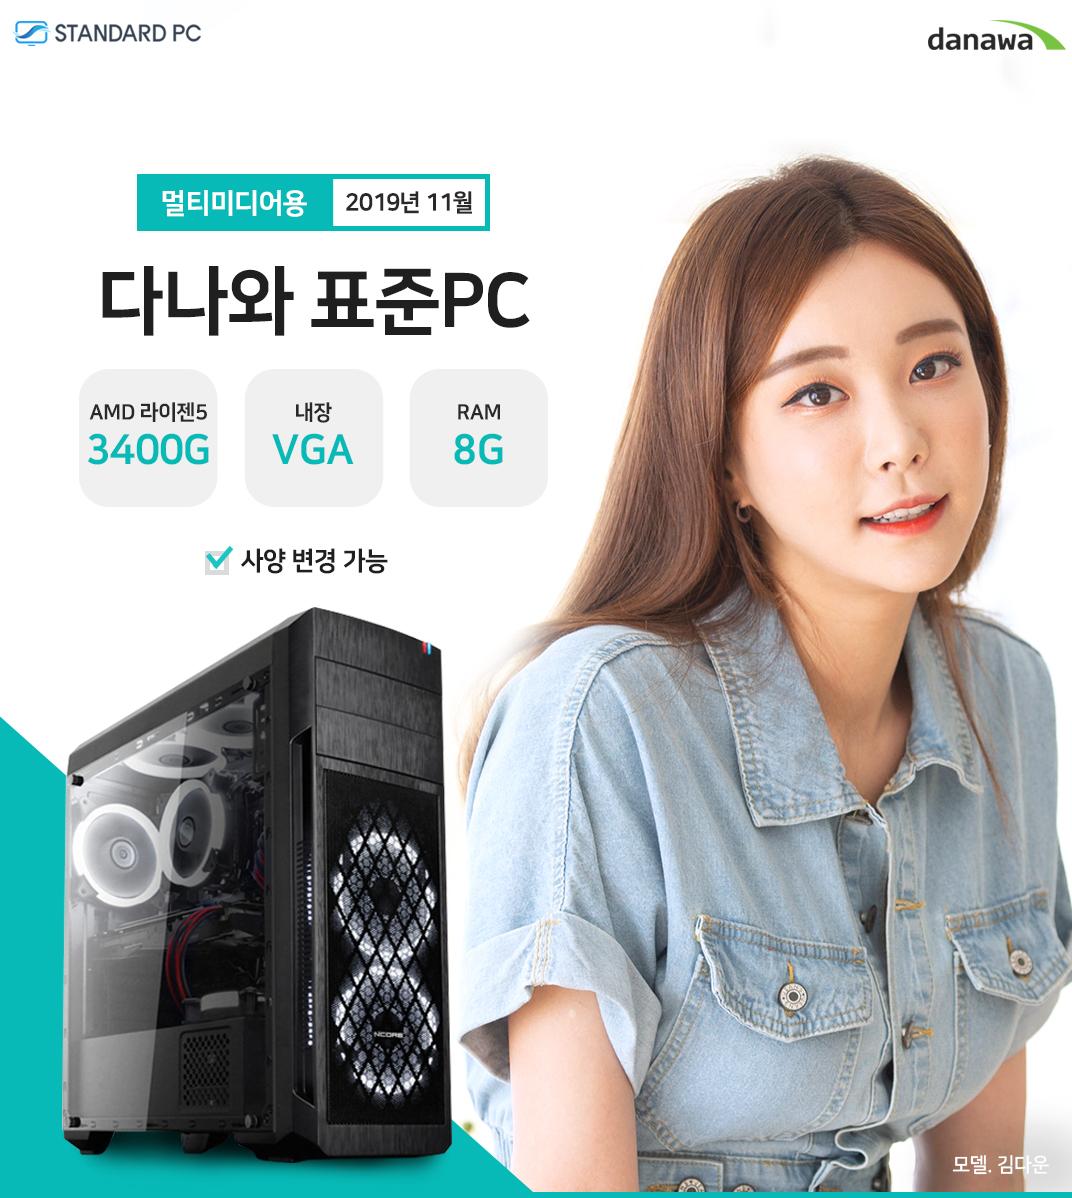 2019년 11월 다나와 멀티미디어용 AMD 라이젠 5 2400G 내장 VGA RAM 8G 모델 문가경